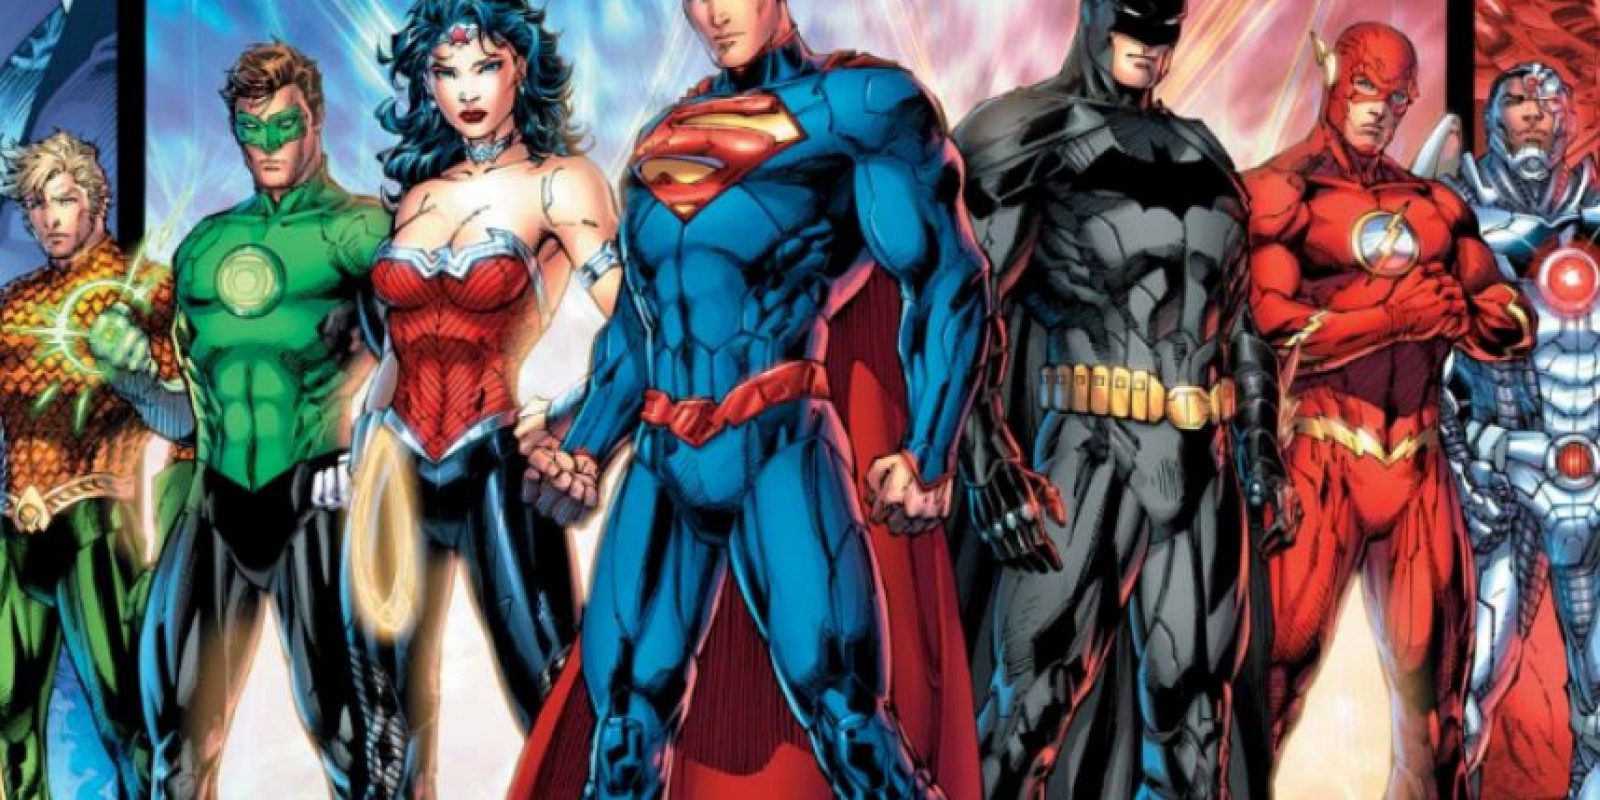 La historia será dividida en dos partes. La primera se esrenará el 17 de noviembre de 2017 y la segunda entrega el 14 de junio de 2019. Foto:DC Comics